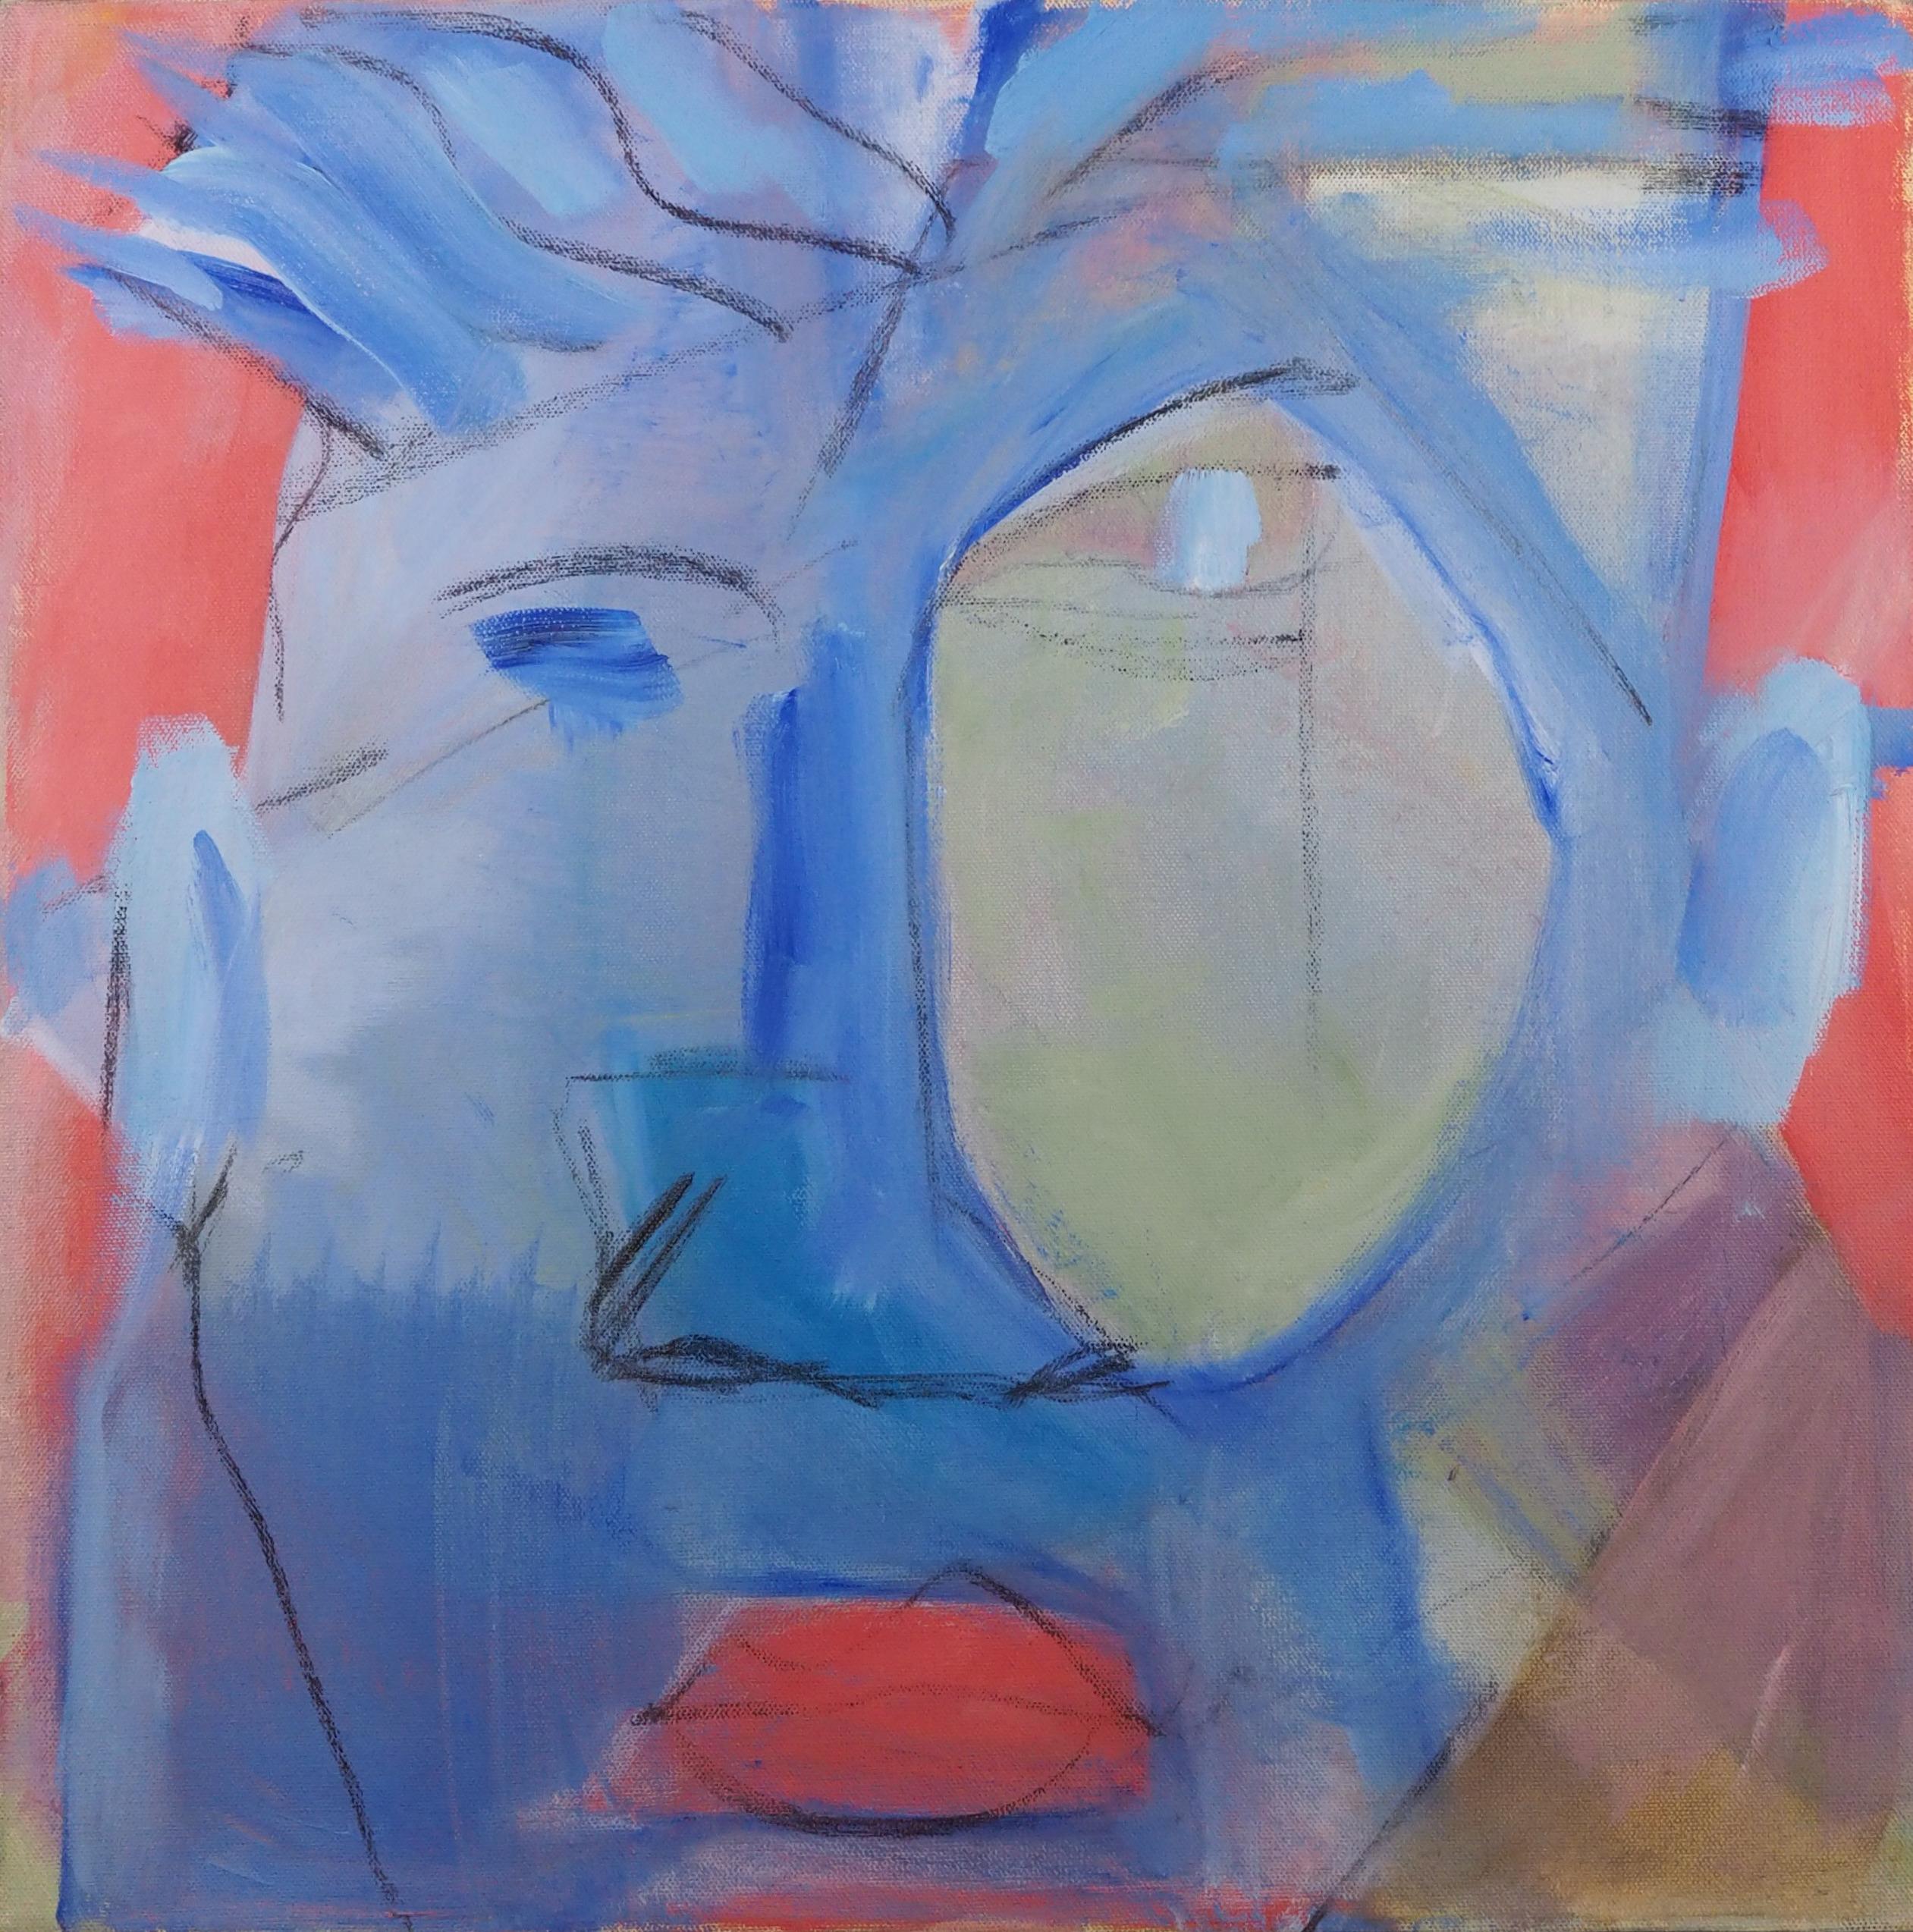 Blue face green eye exoxhw